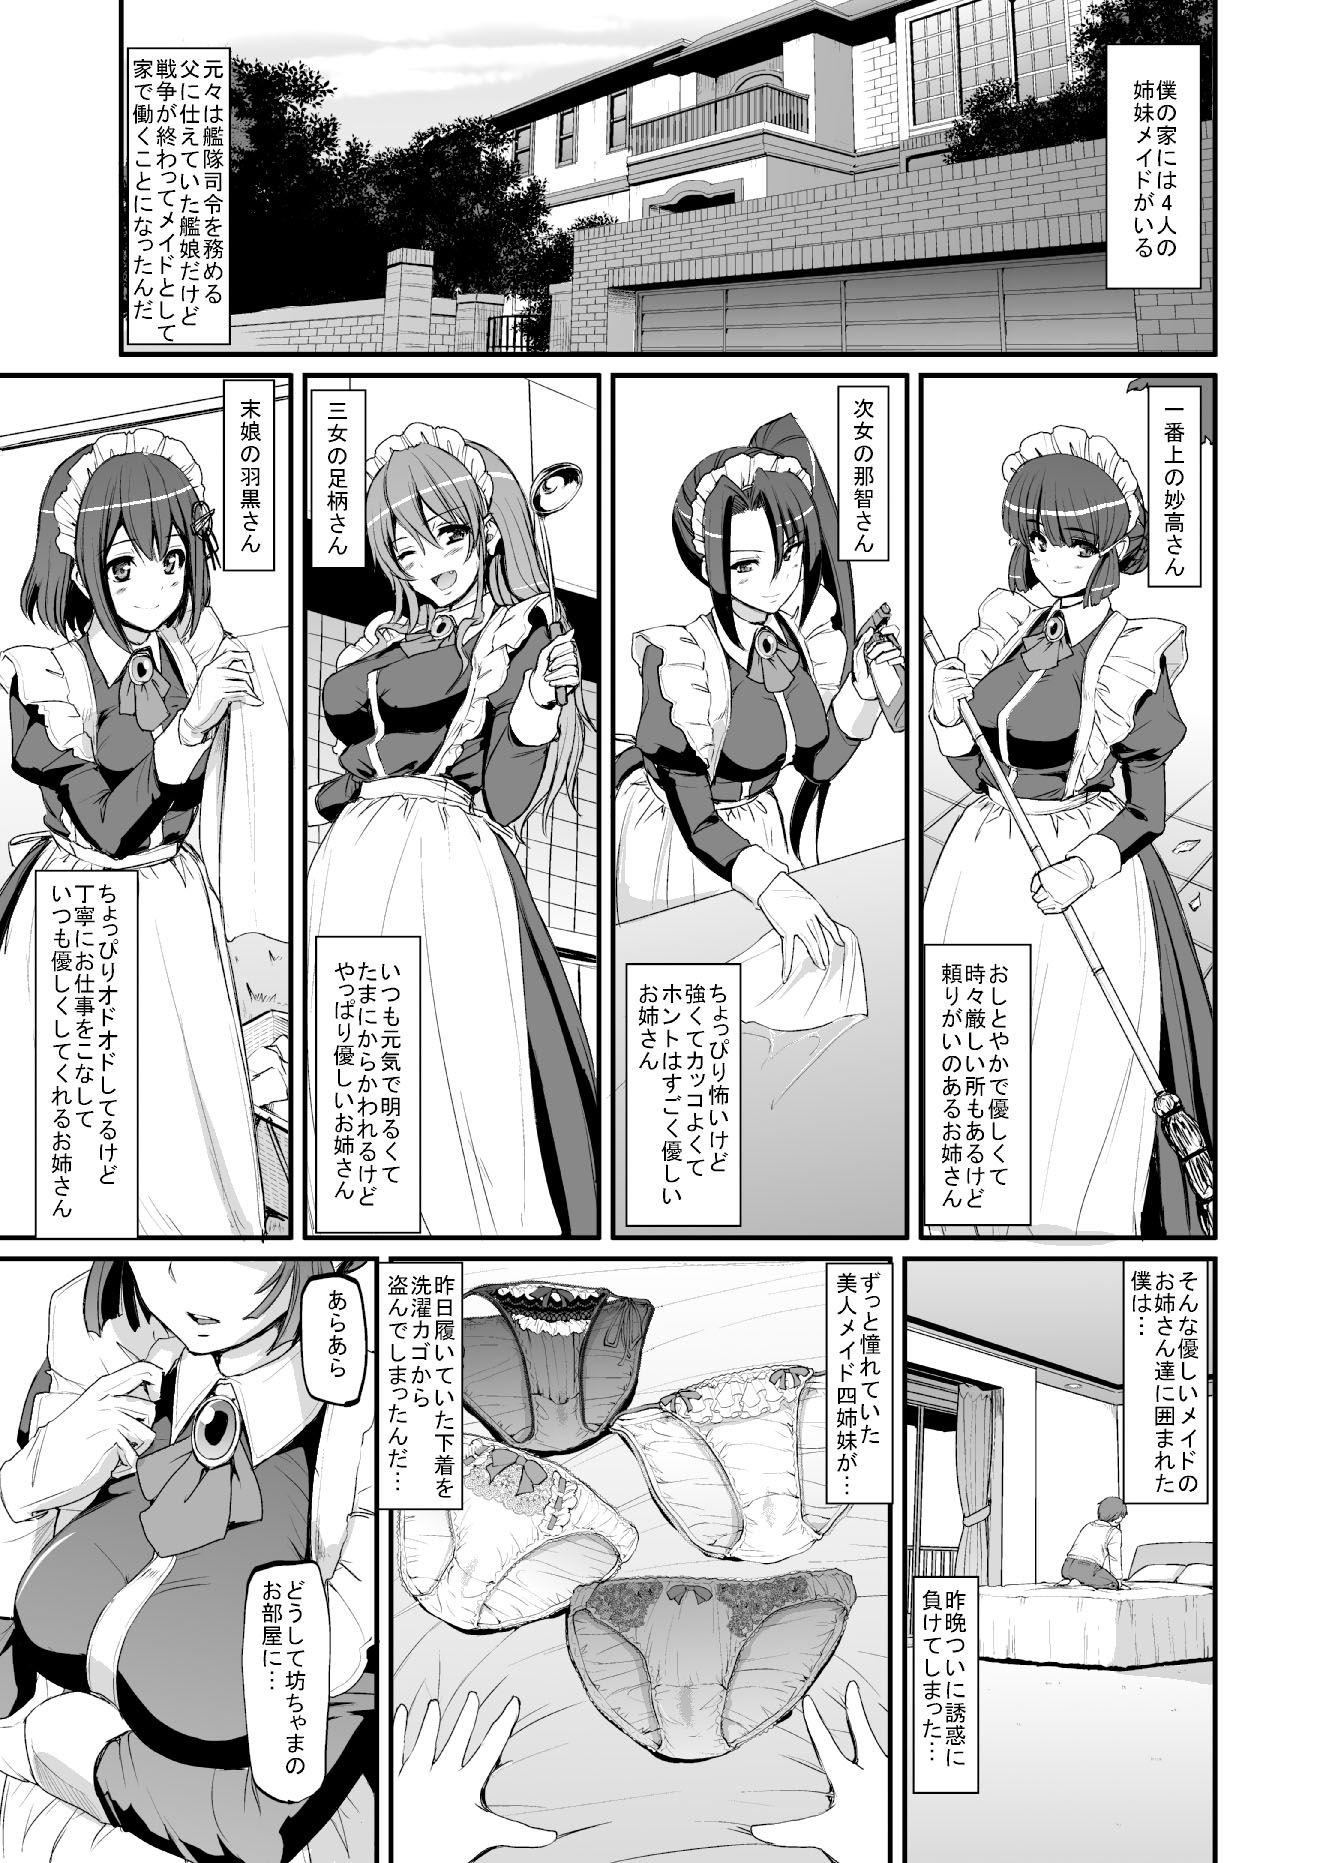 https://www.dmm.co.jp/dc/doujin/-/detail/=/cid=d_200210/